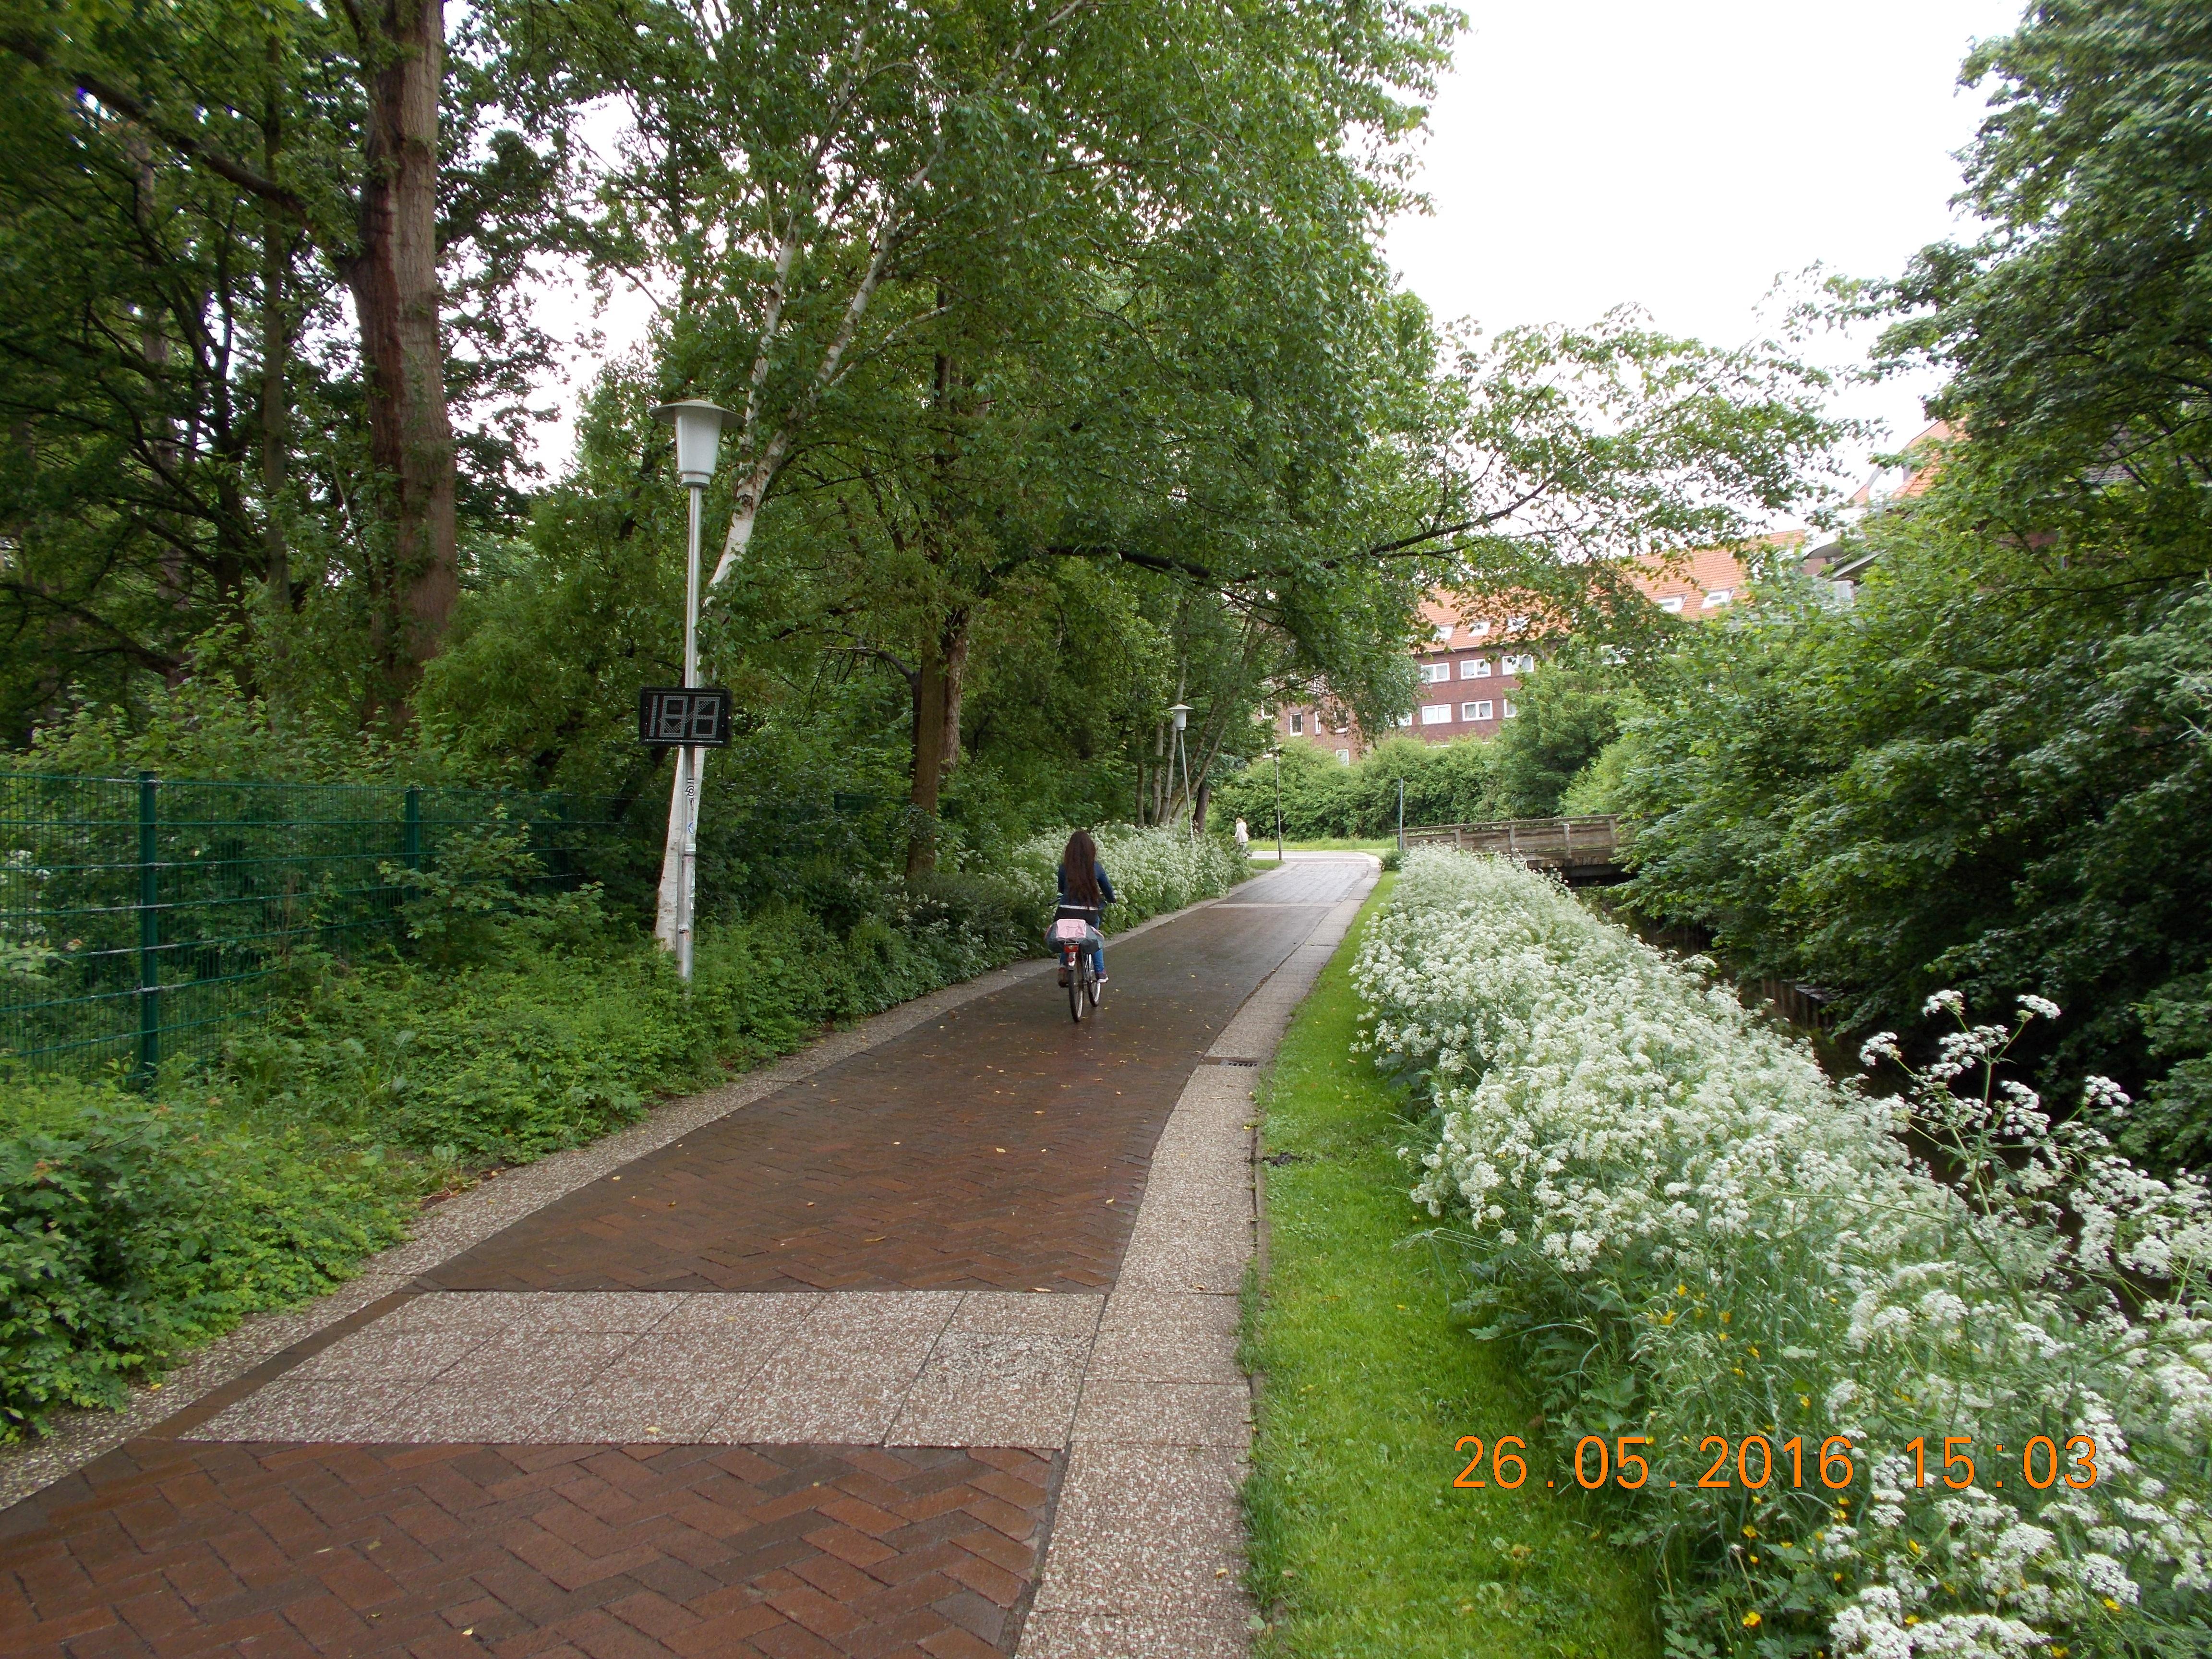 Radverkehrszählungen in Cuxhaven – Claus-Oellerich-Weg